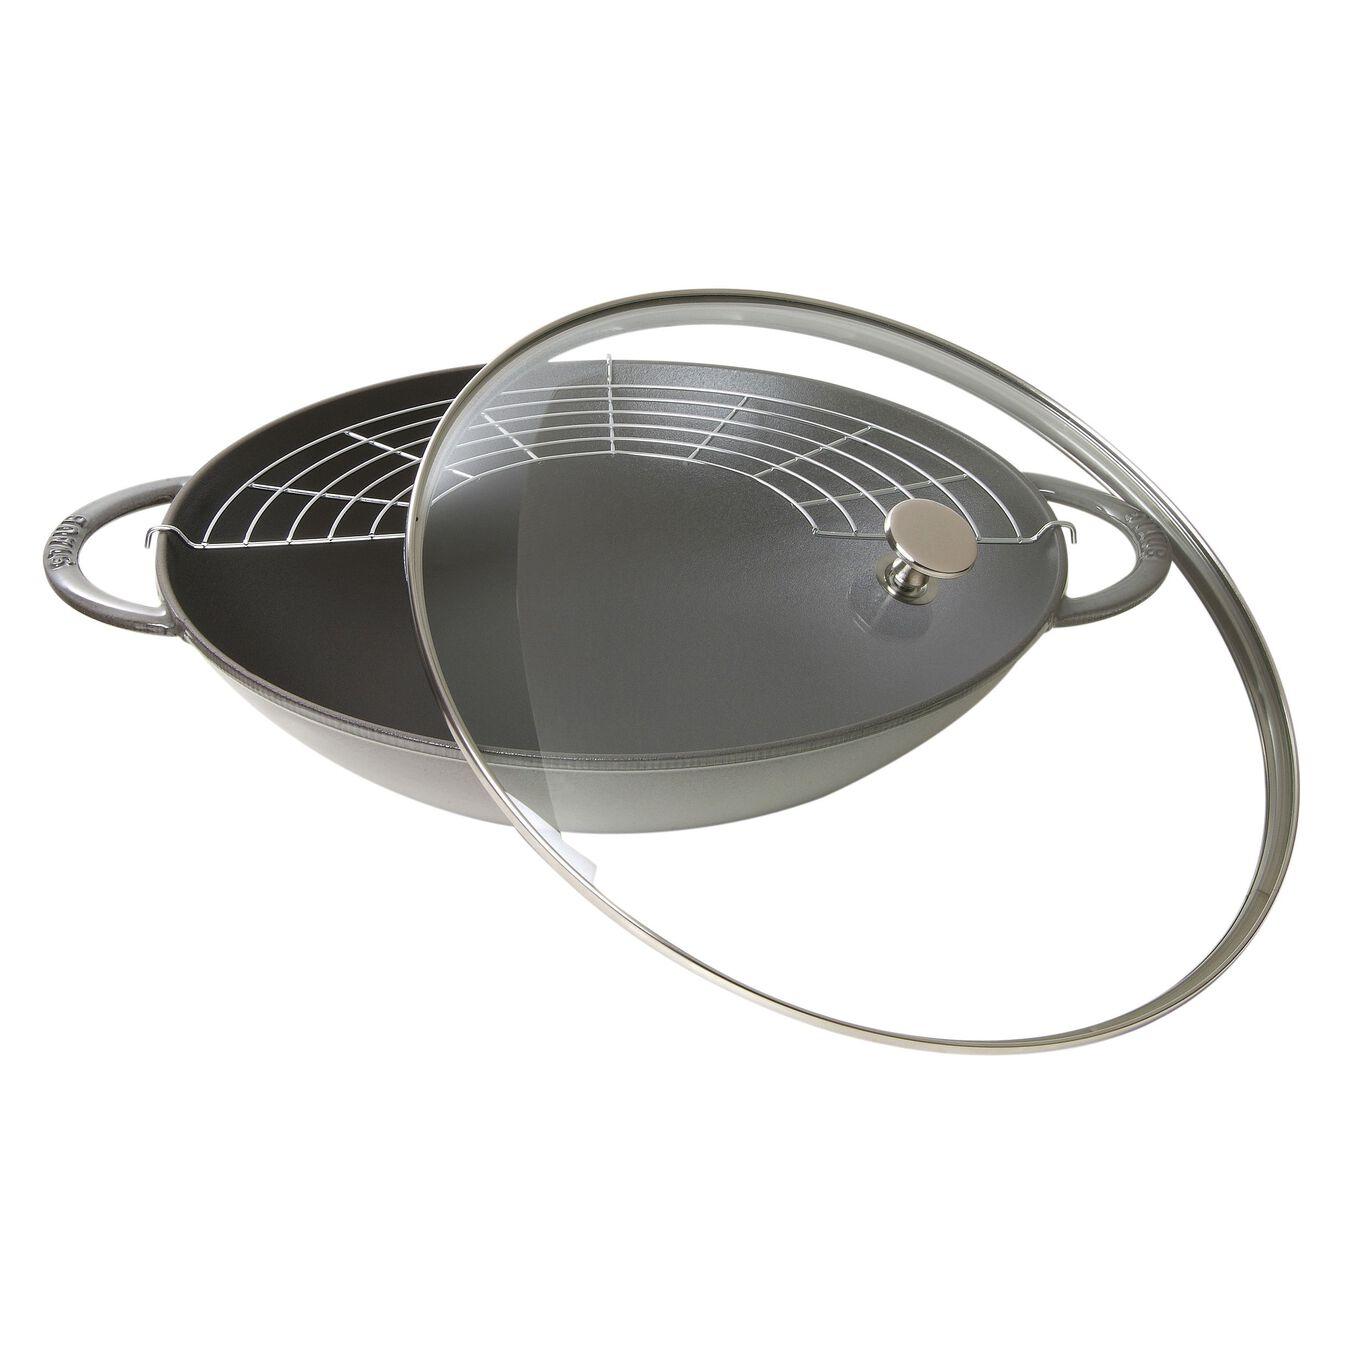 Wok con coperchio in vetro rotondo - 37 cm, grigio grafite,,large 1